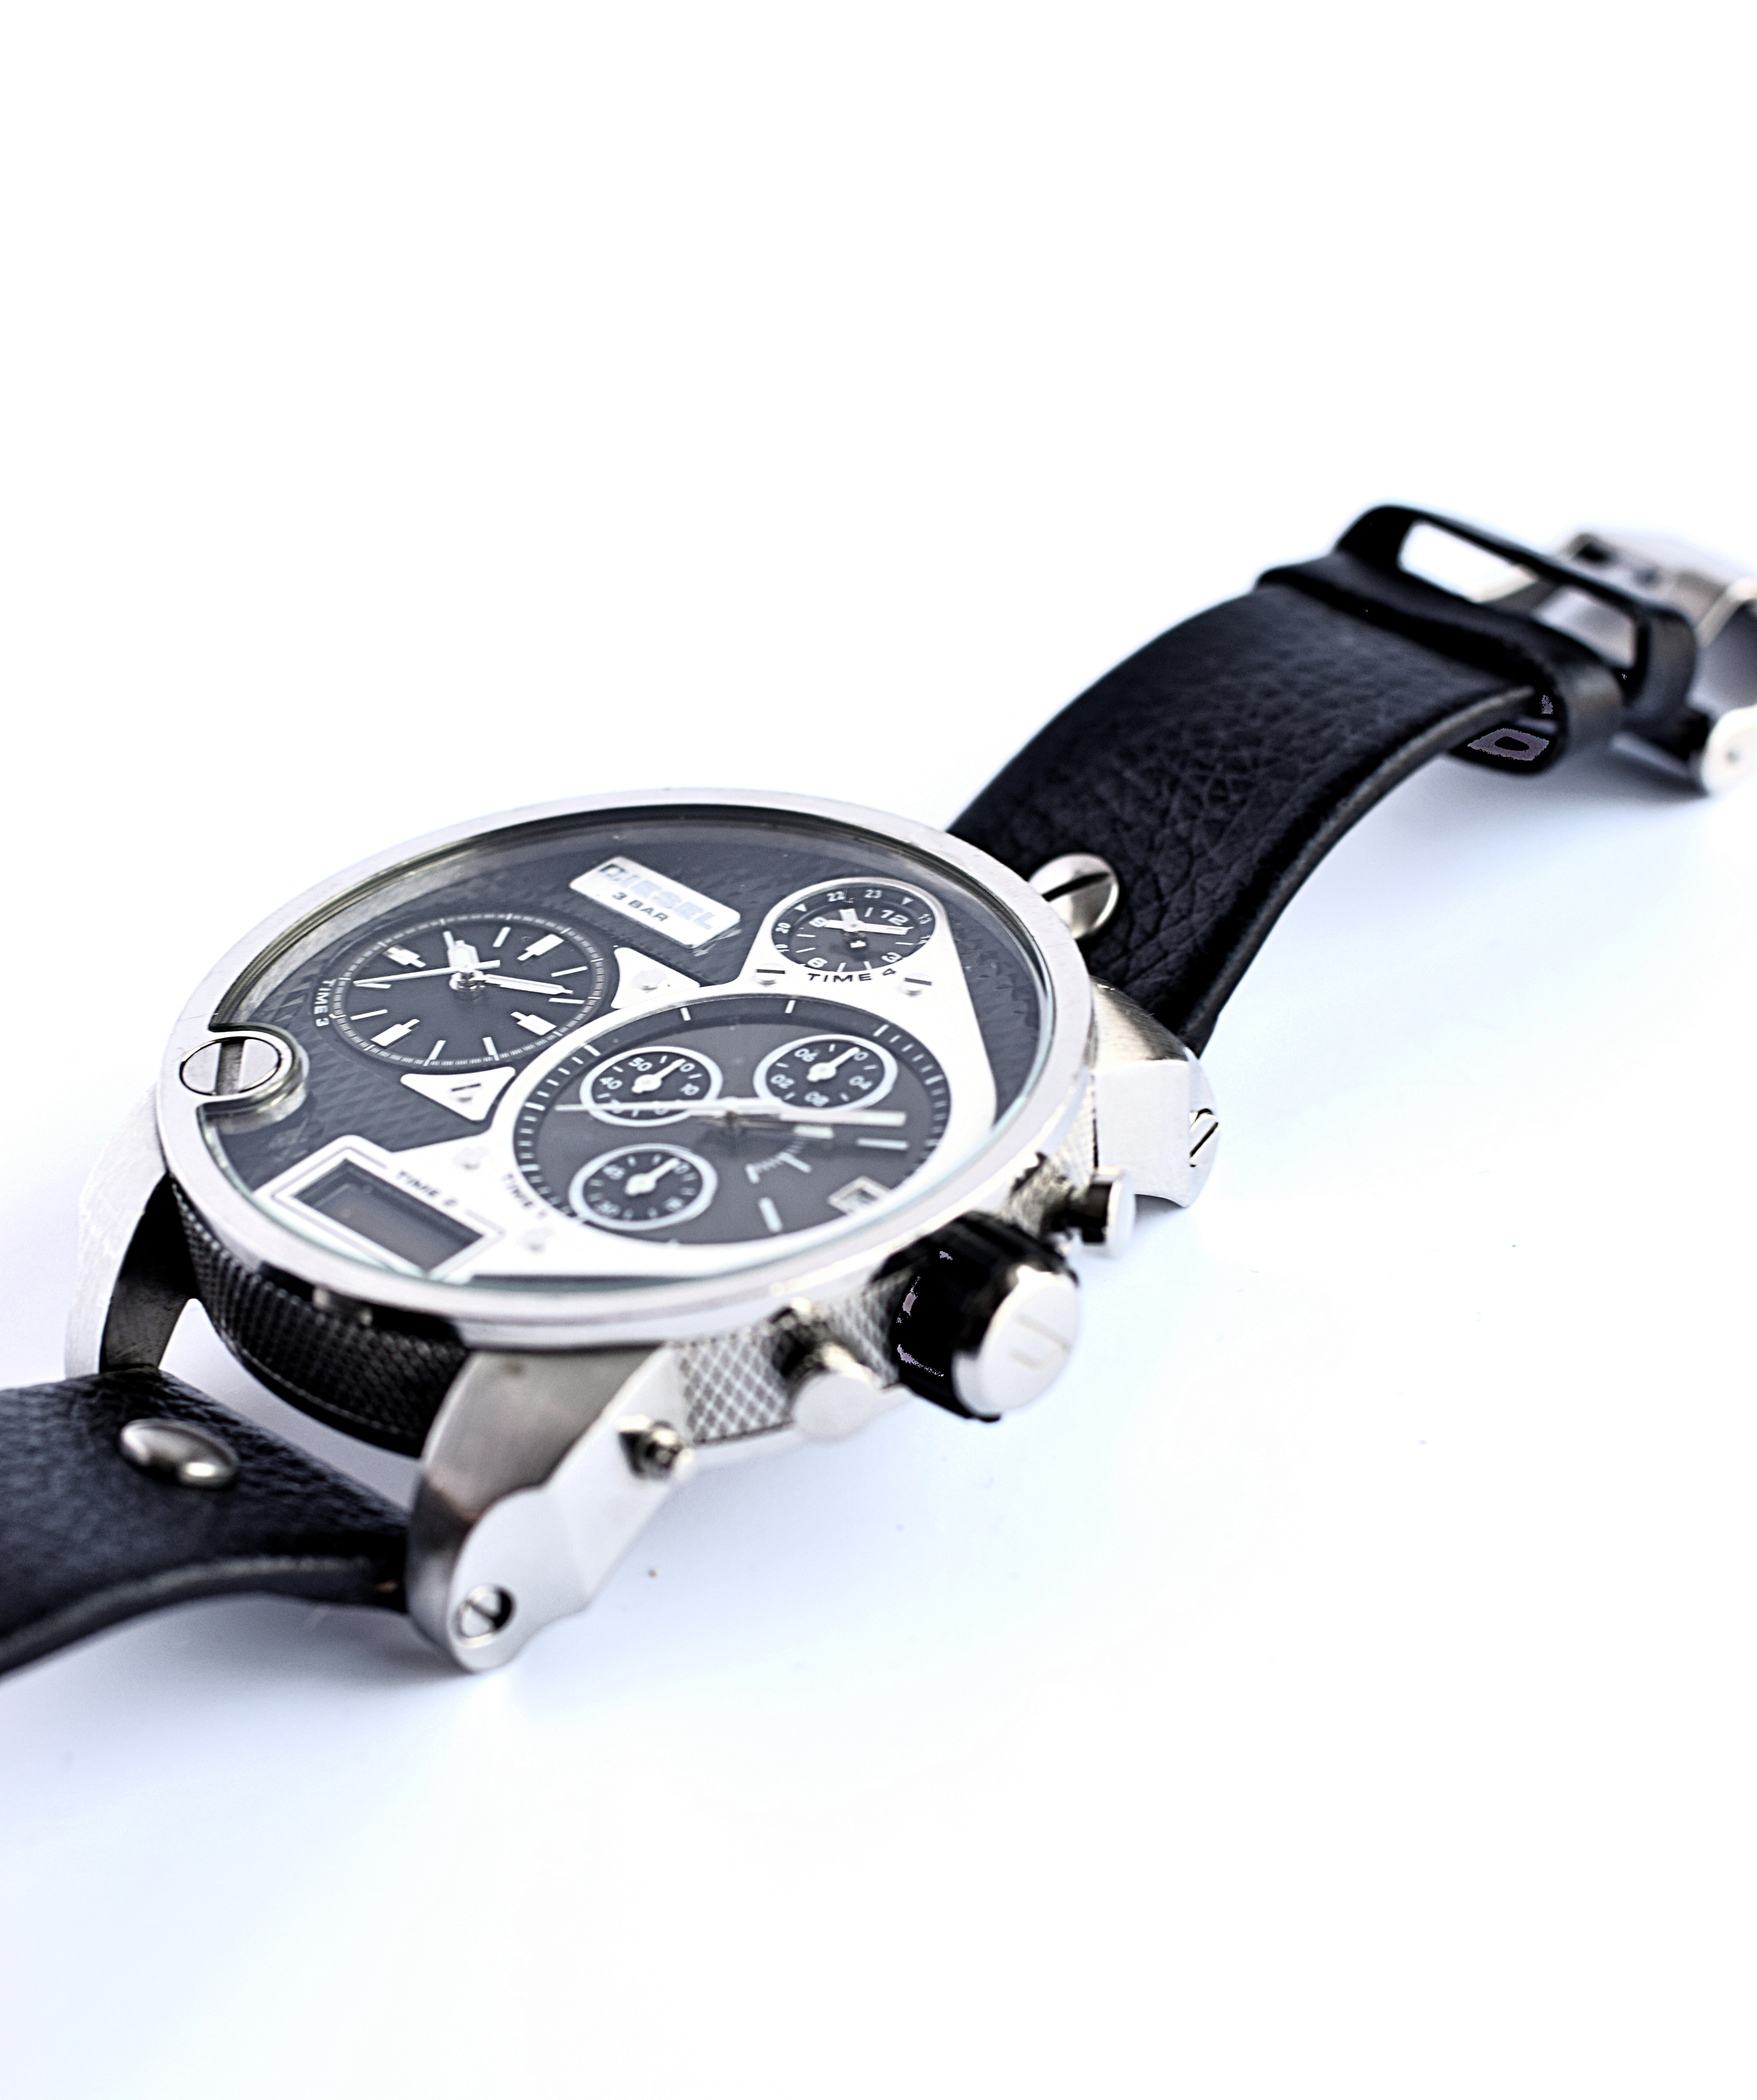 diesel oversized watch